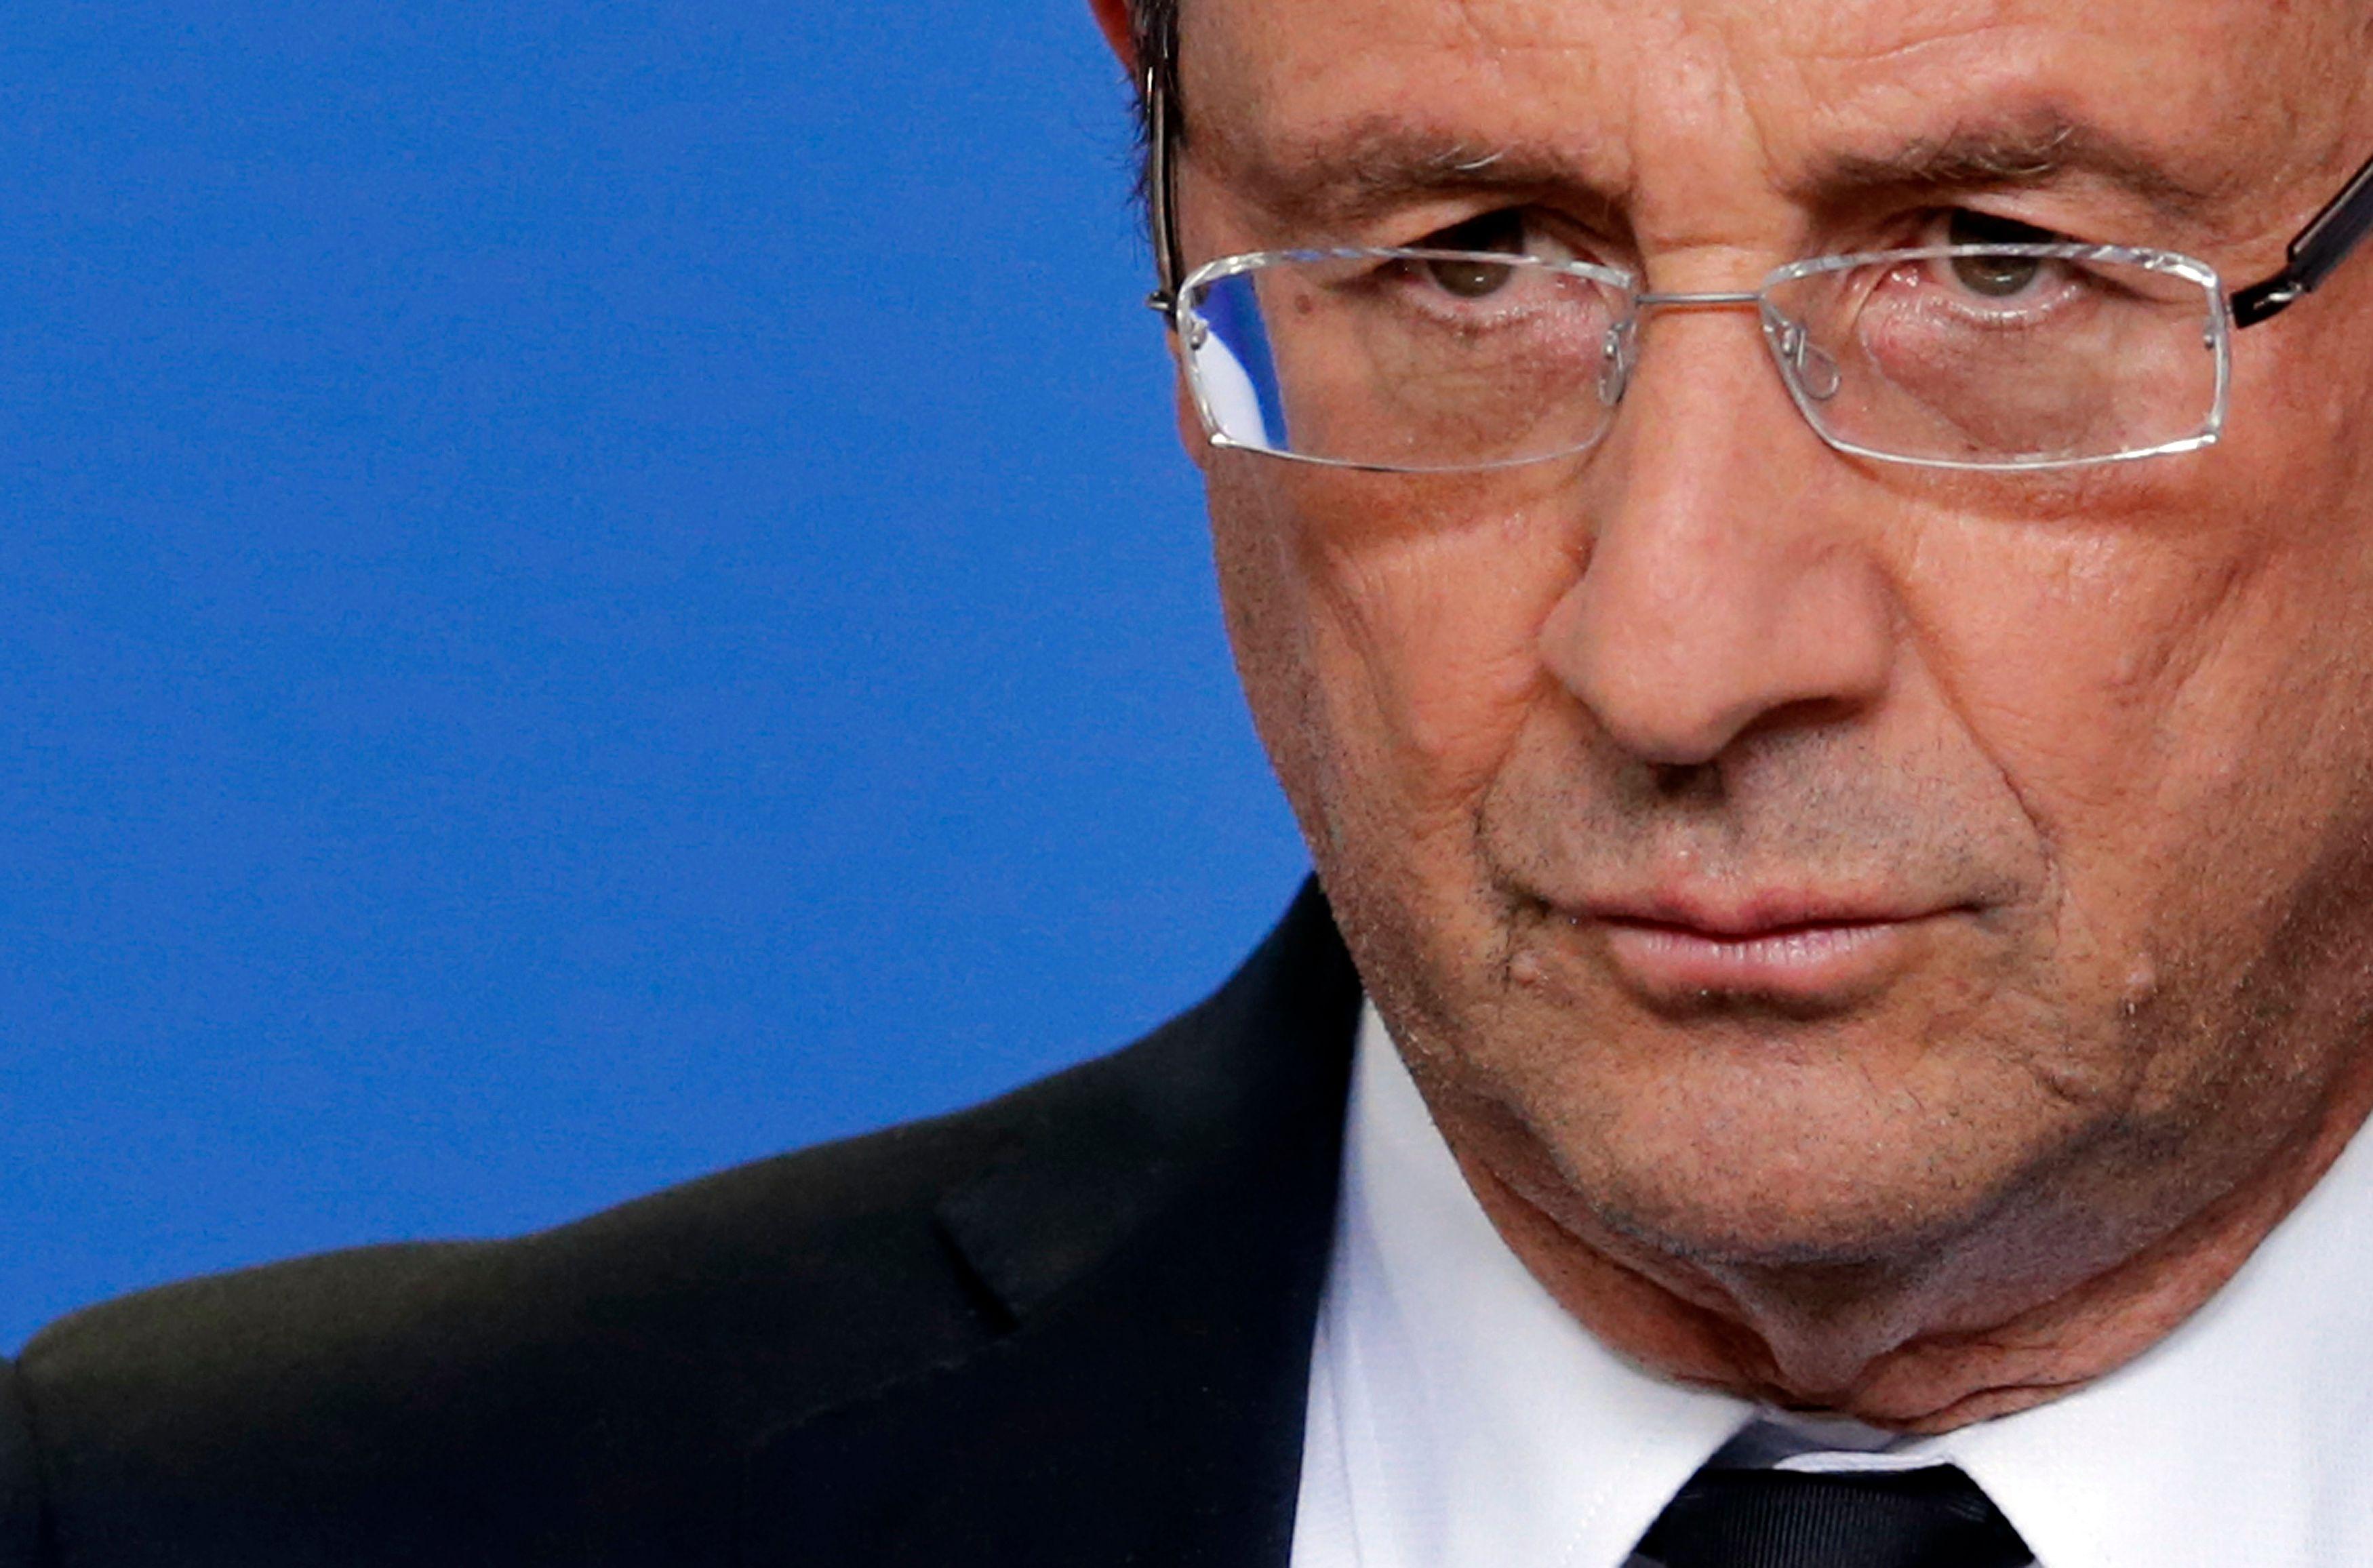 François Hollande, le président de la République